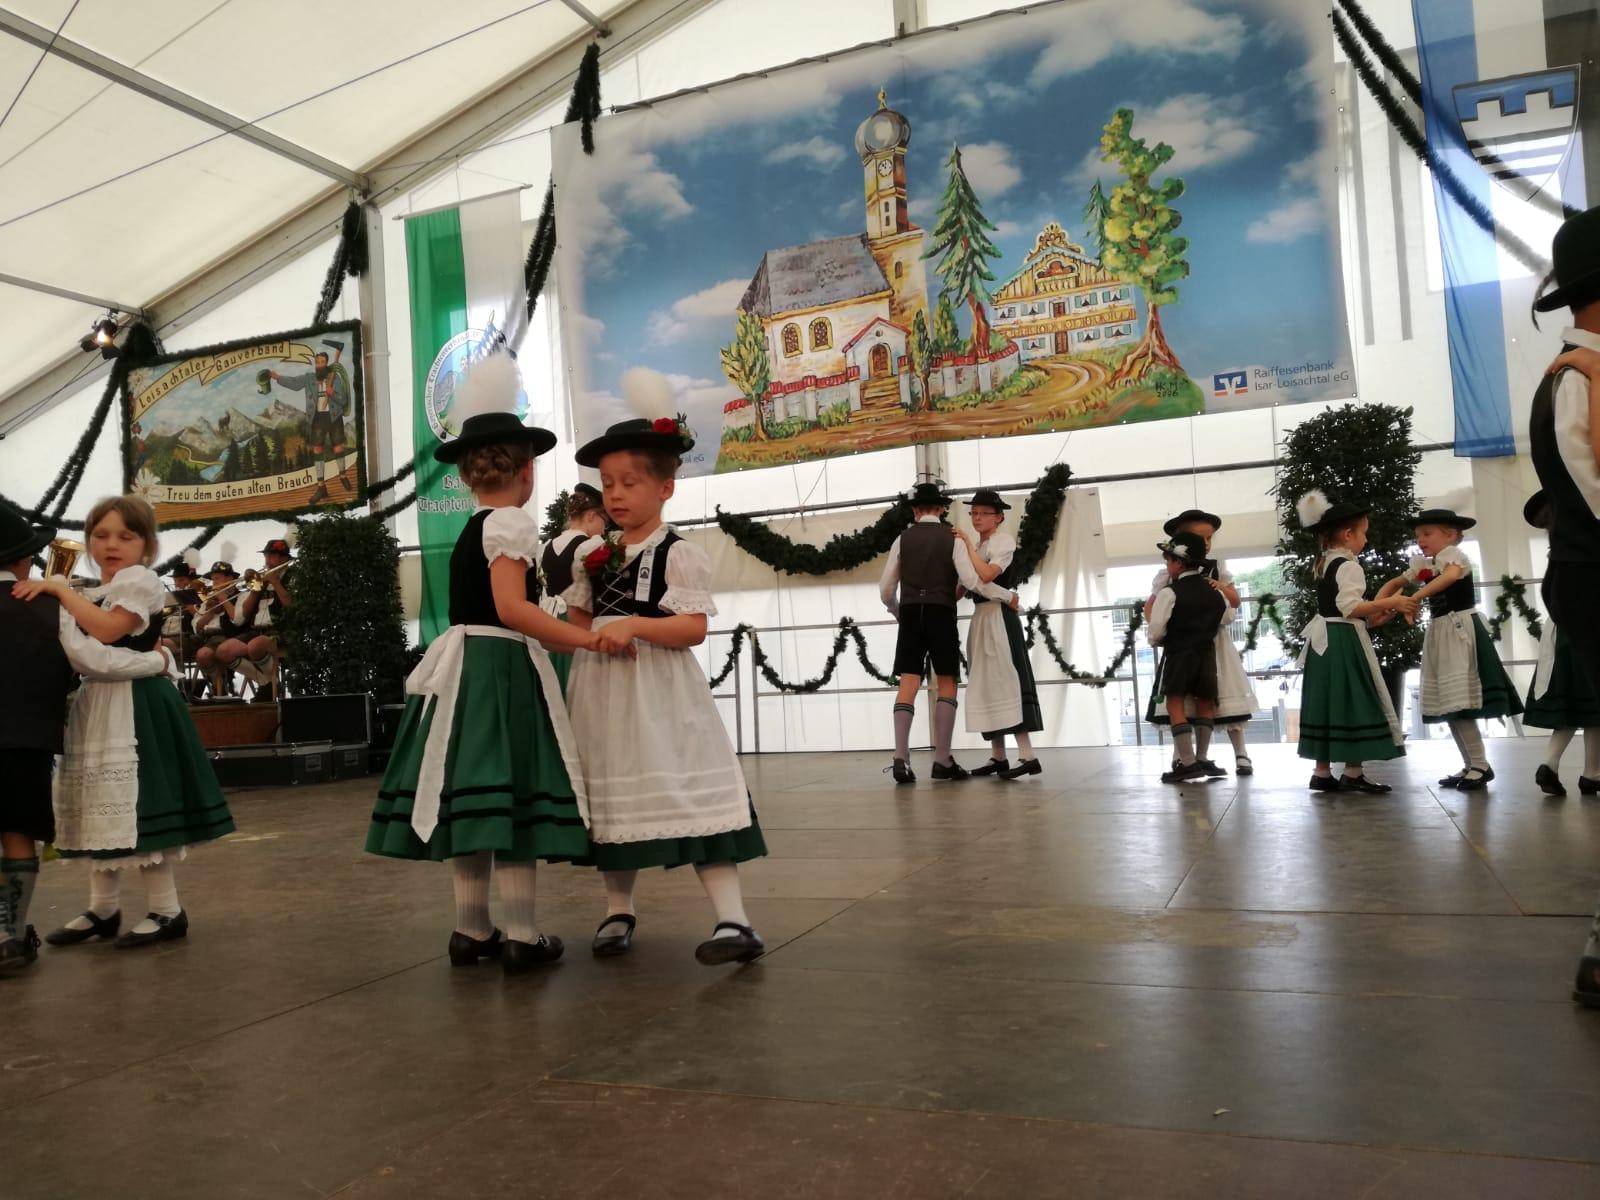 2018 Loisachgaufest 10